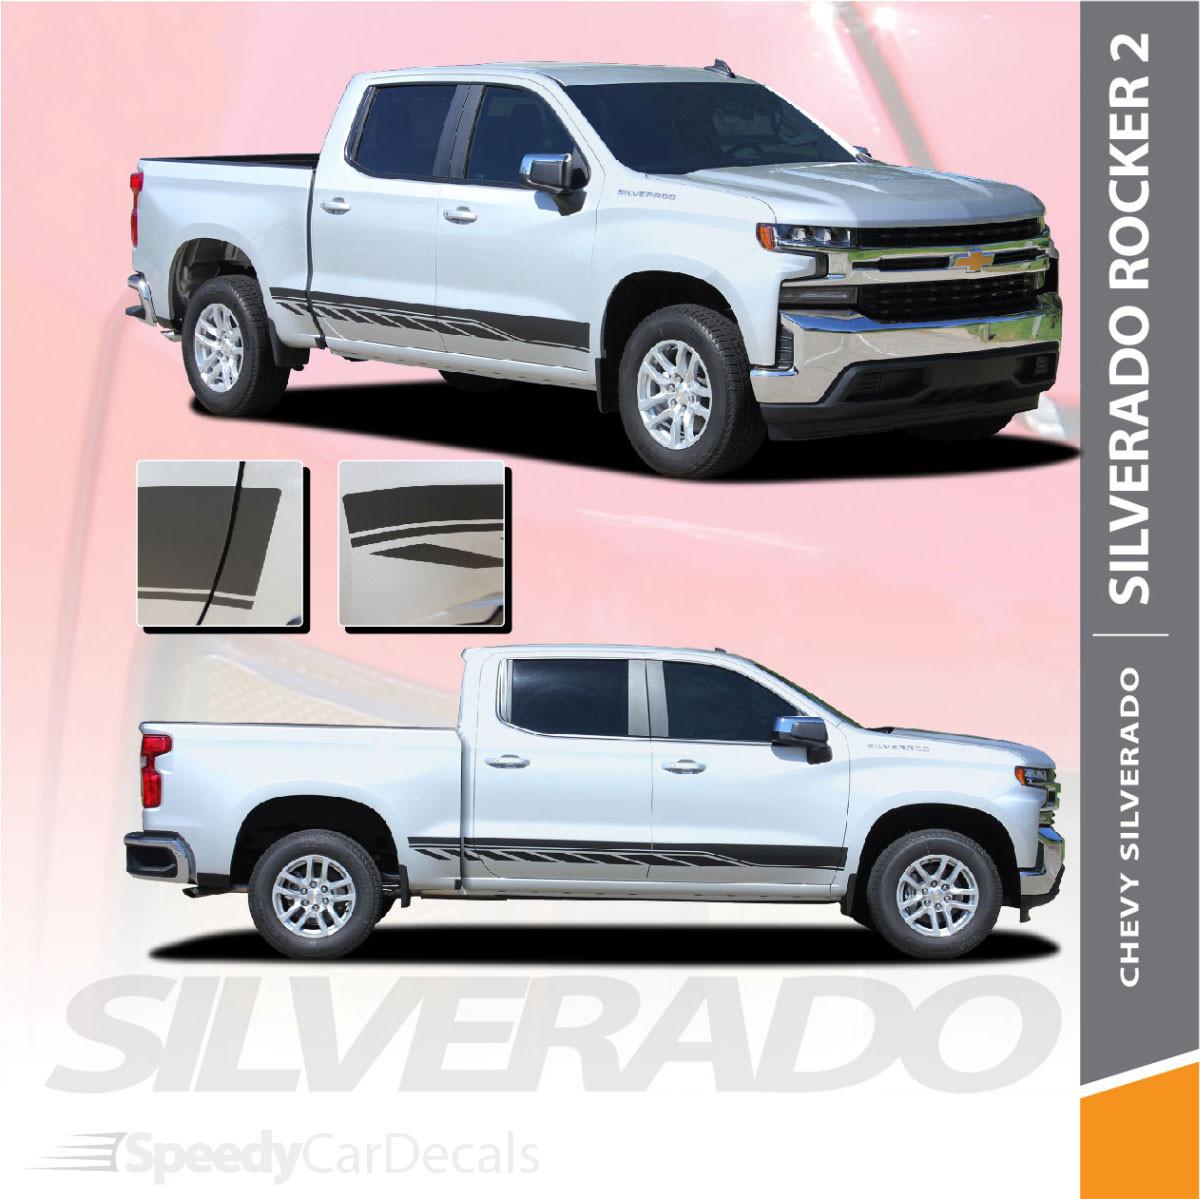 2019-2020 Chevy Silverado SILVERADO ROCKER 2 Stripes and Decals